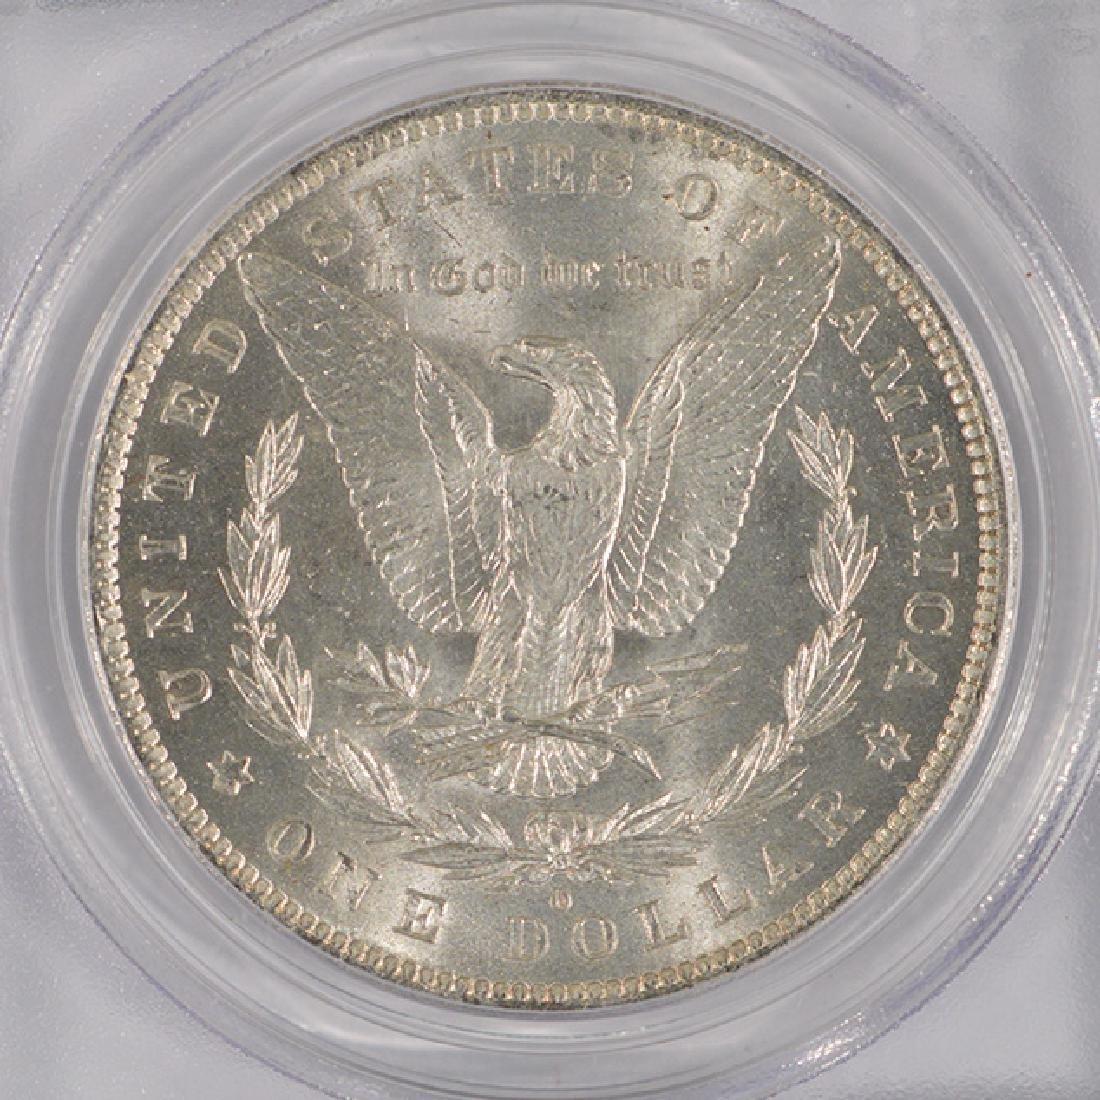 1883-O $1 Morgan Silver Dollar Coin PCGS MS64 - 4